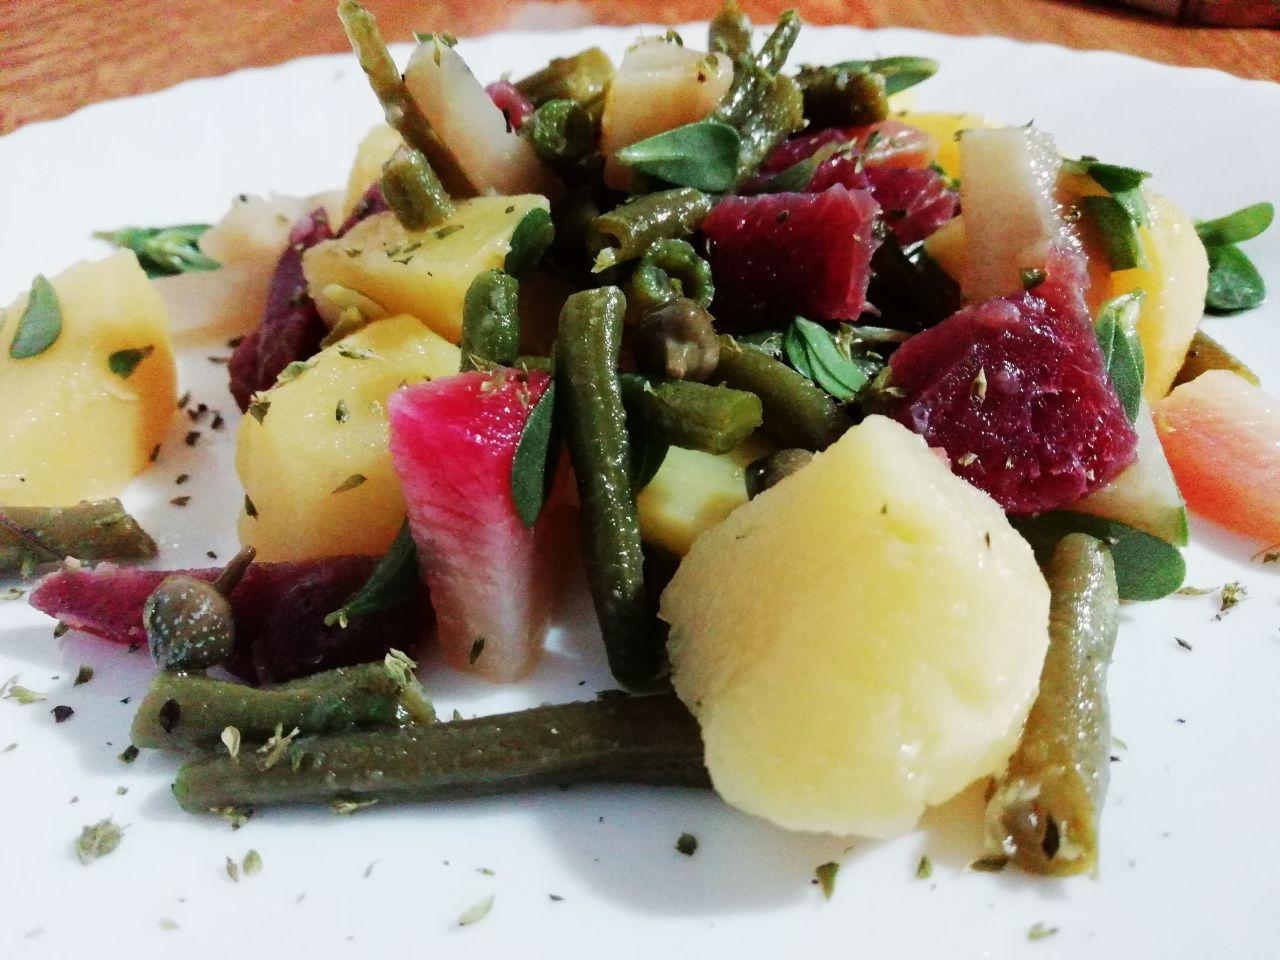 Ricette estive gluten free: insalata di patate, fagiolini, barbabietole e bresaola!